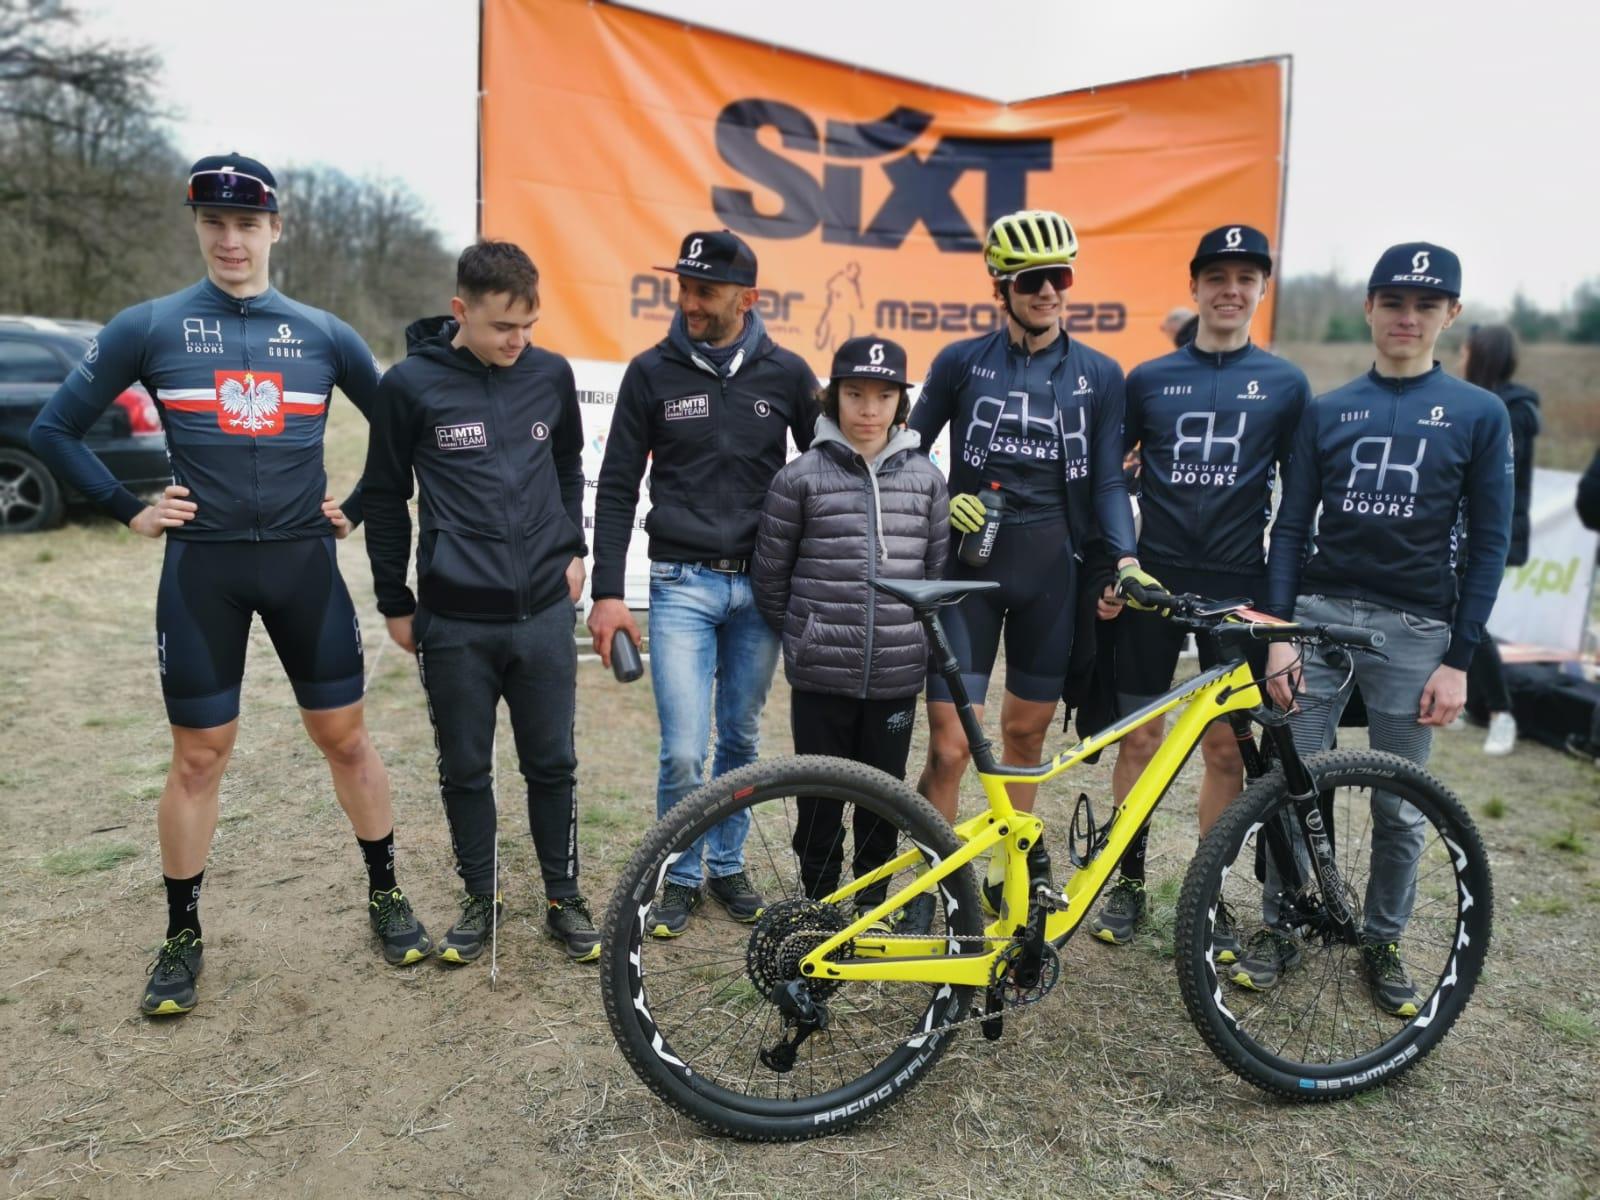 Zawodnicy RK Exclusive Doors MTB Team podsumowują udział w SIXT Puchar Mazowsza MTB XC w Jabłonnie